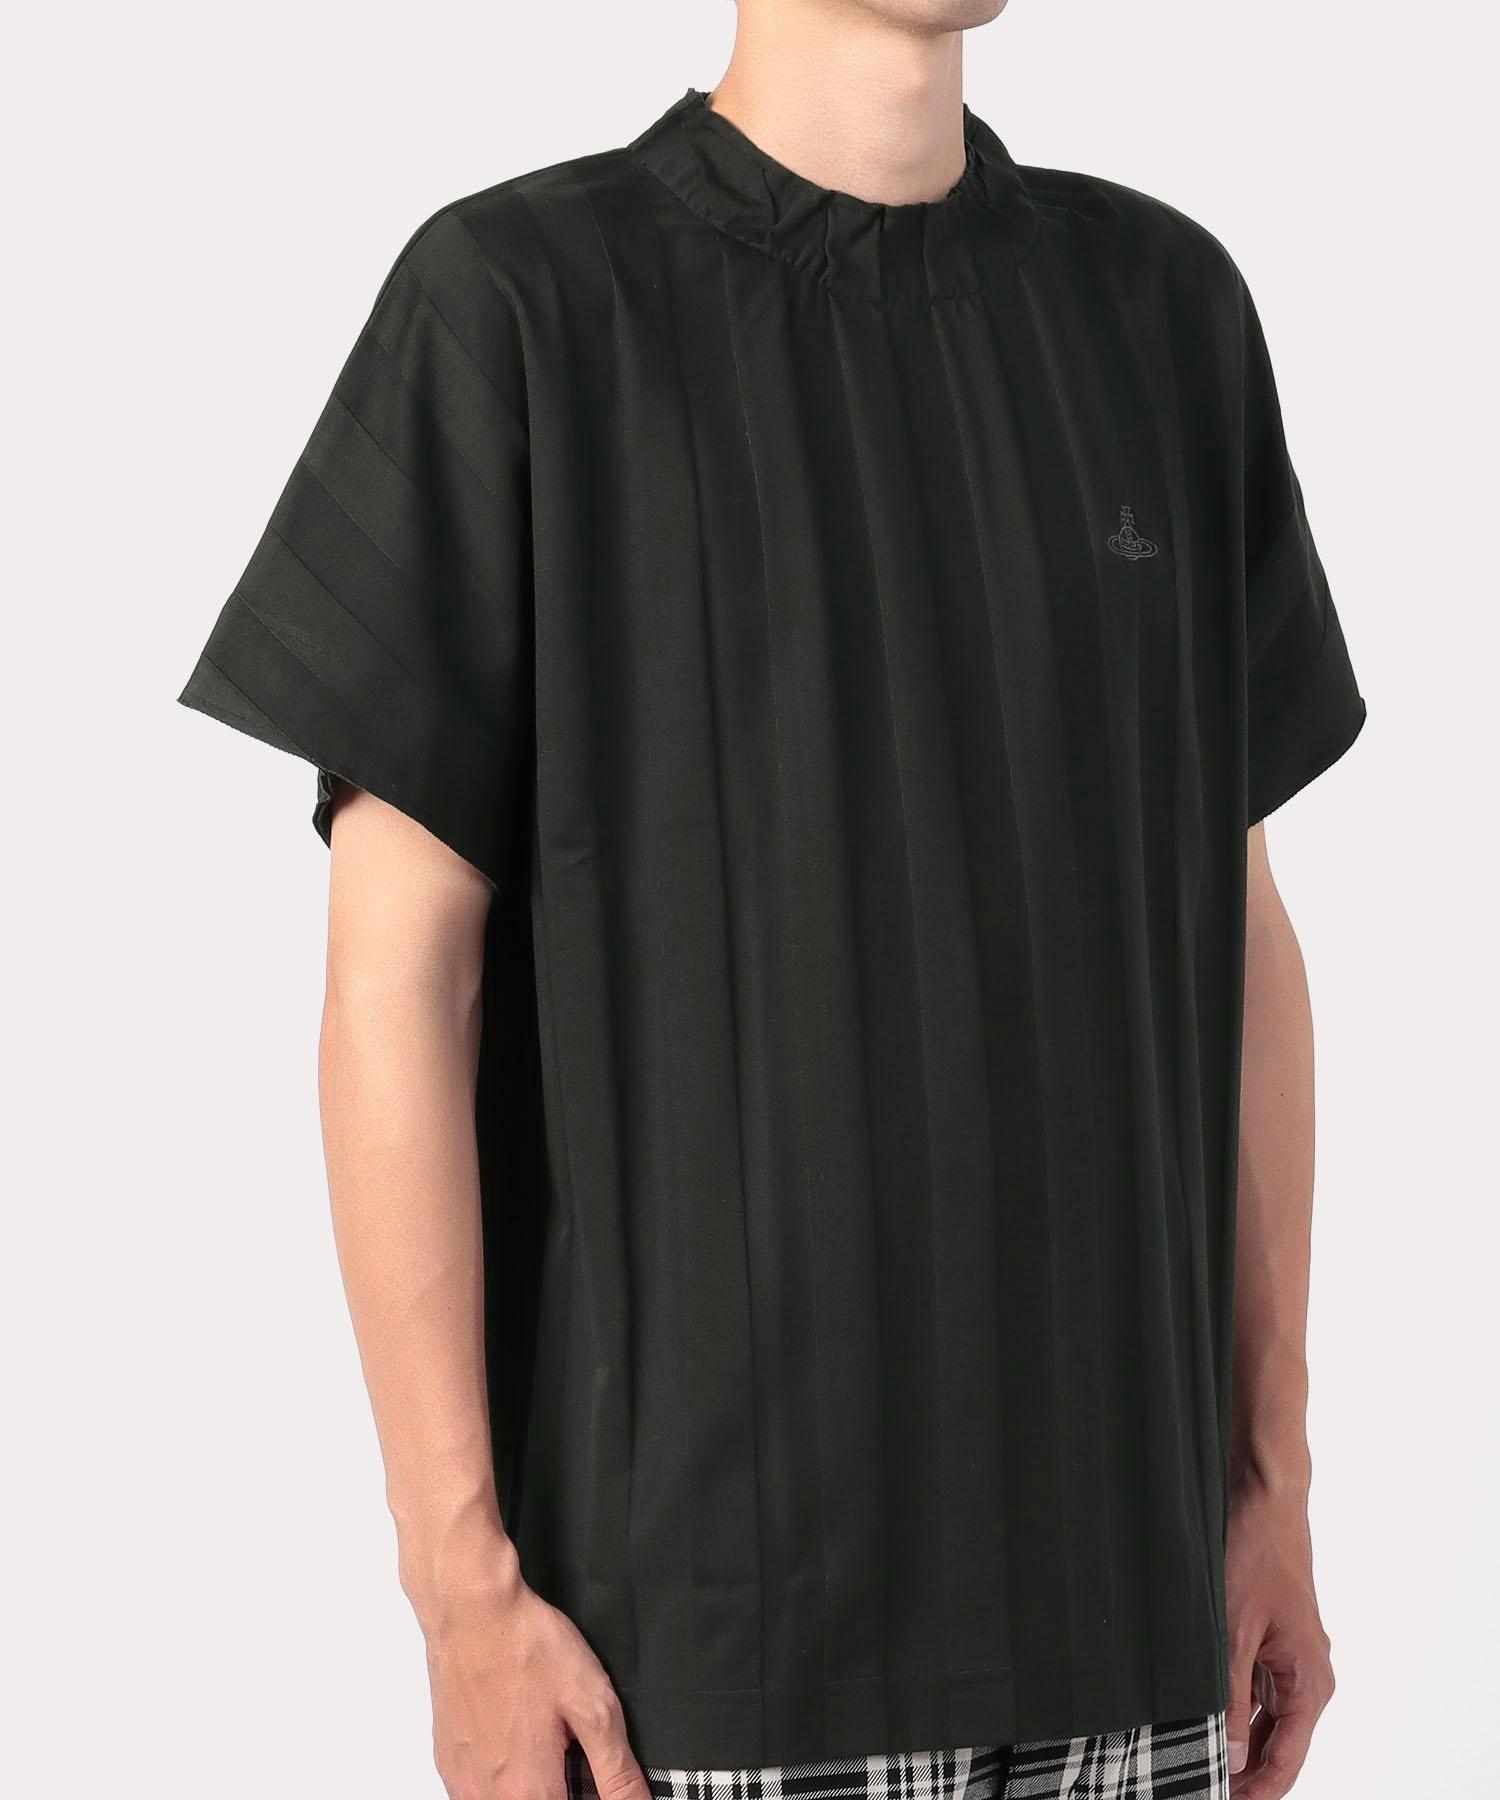 バンピーストライプ ヒドゥンリブTシャツ